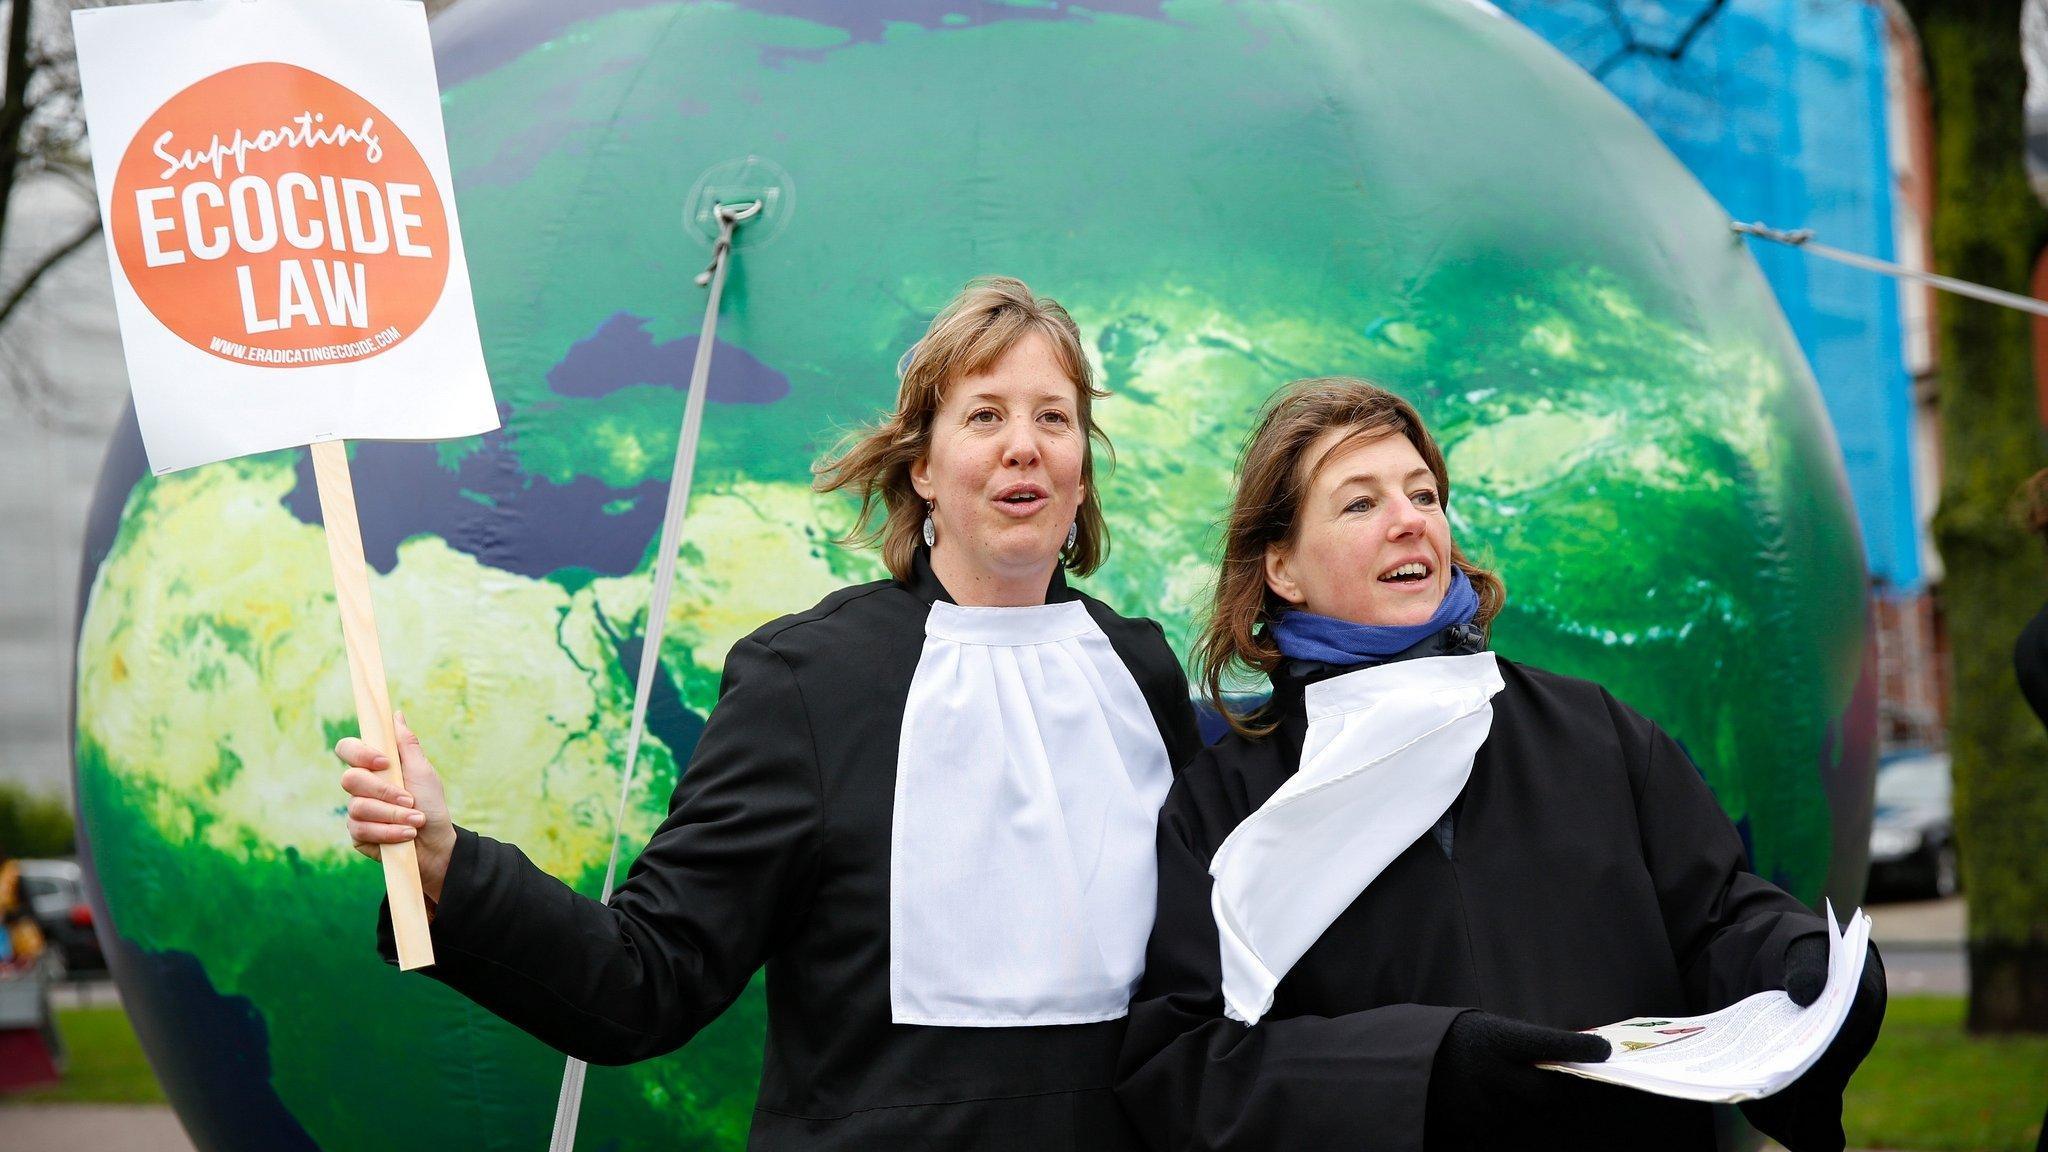 Zwei Demonstrantinnen in Richterroben setzen sich auf der Klimaparade in Amsterdam für ein globales Umweltrecht ein, 2015